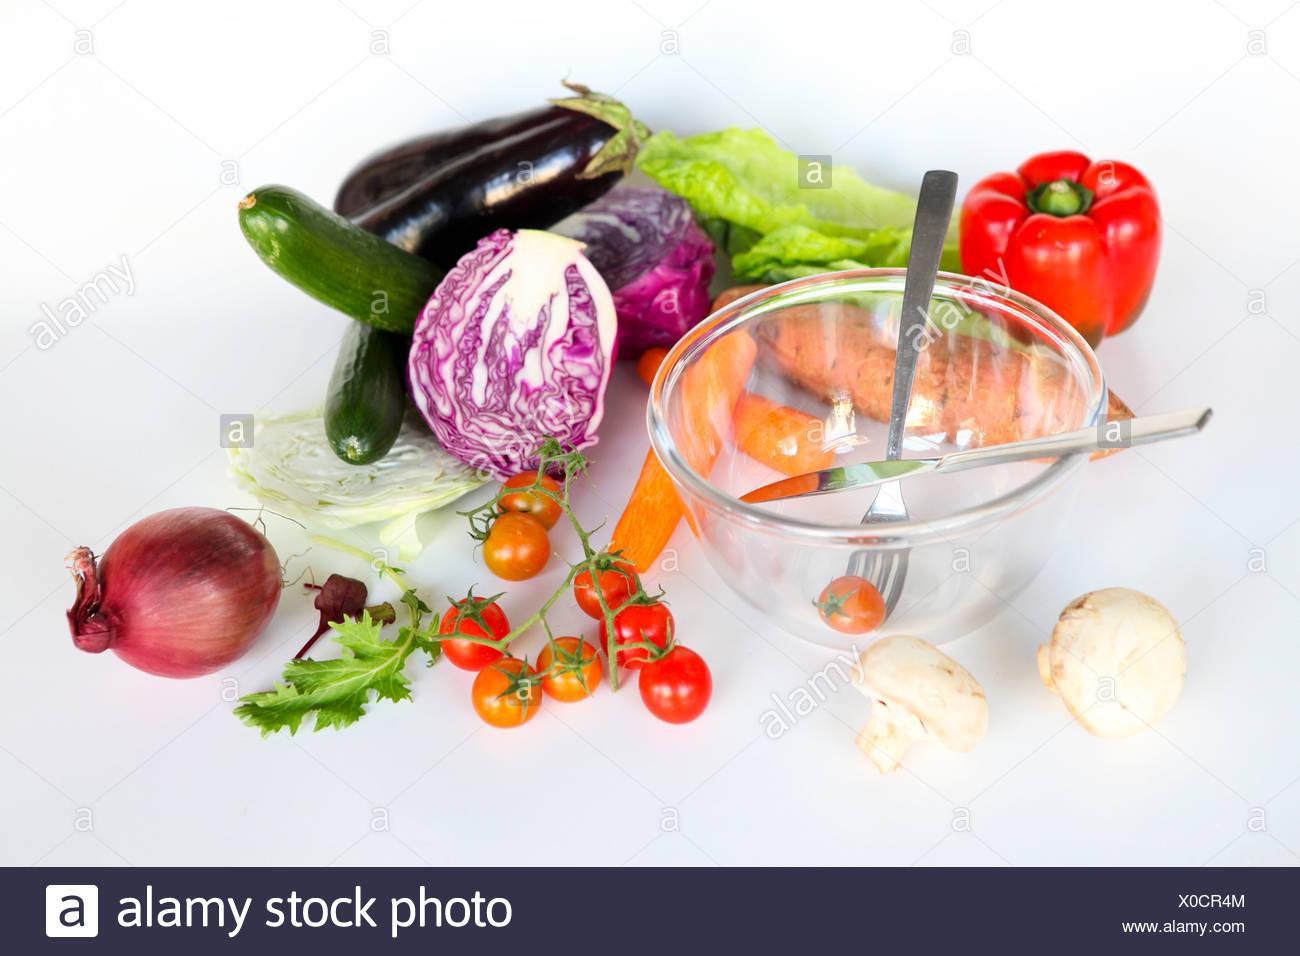 Frisches Obst und eine leere Schüssel. Völlig ungeschnitten Salatzutaten auf weißem Hintergrund Stockbild